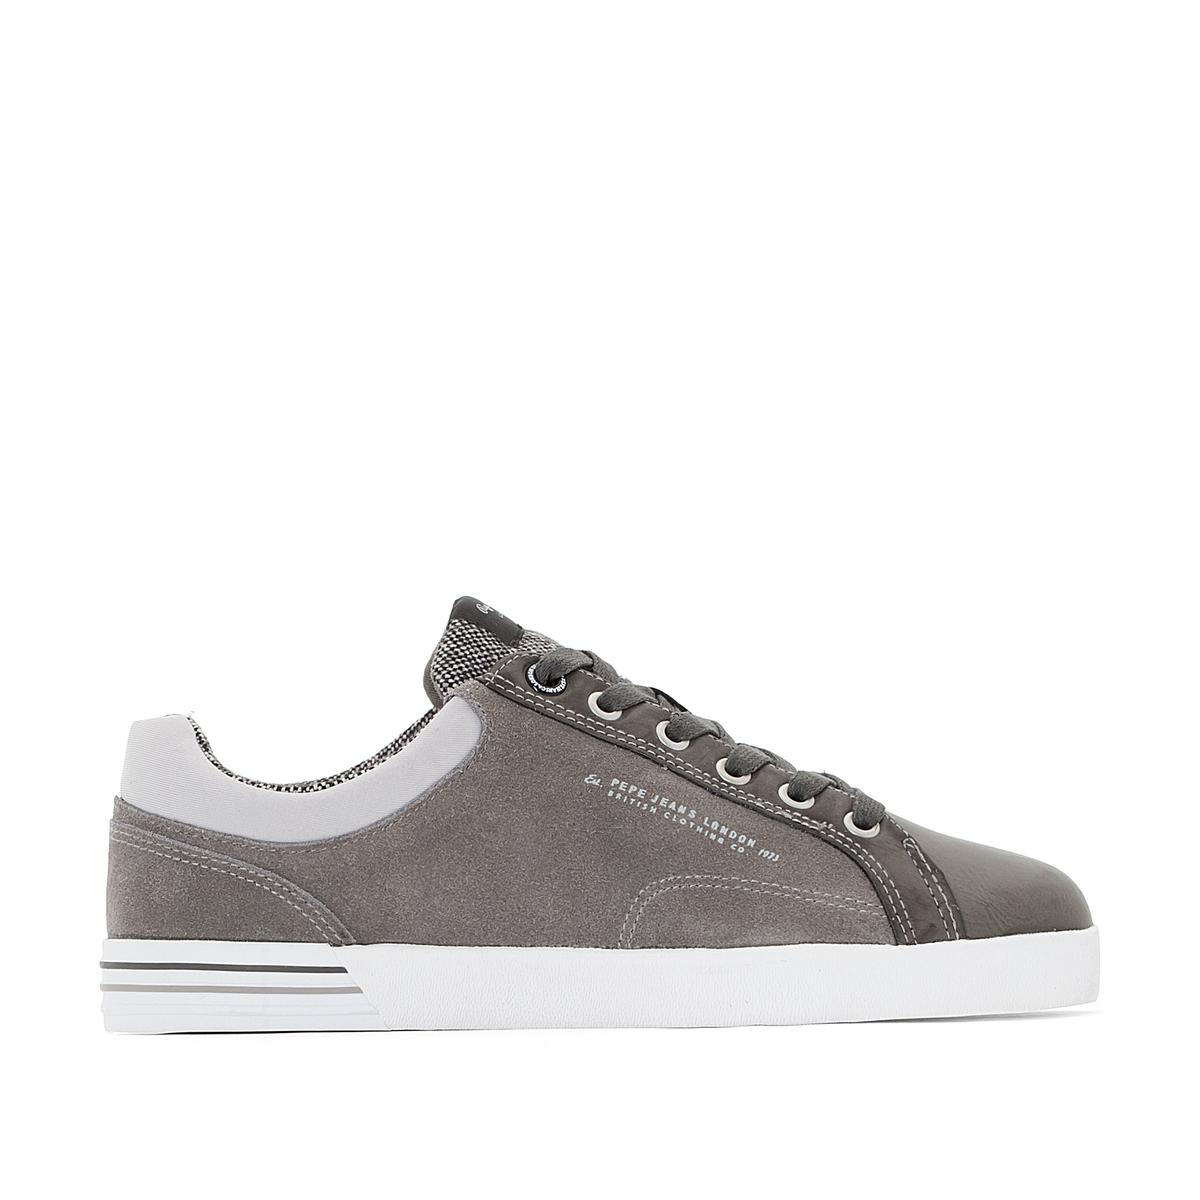 Кеды NORTH MIXОписание:Детали  •  Спортивный стиль •  Плоский каблук •  Высота каблука : 2 см.  •  Застежка : шнуровкаСостав и уход  •  Верх 5% эластана, 5% других волокон, 20% синтетического материала, 70% замши<br><br>Цвет: каштановый / синий,серо-коричневый<br>Размер: 42.41